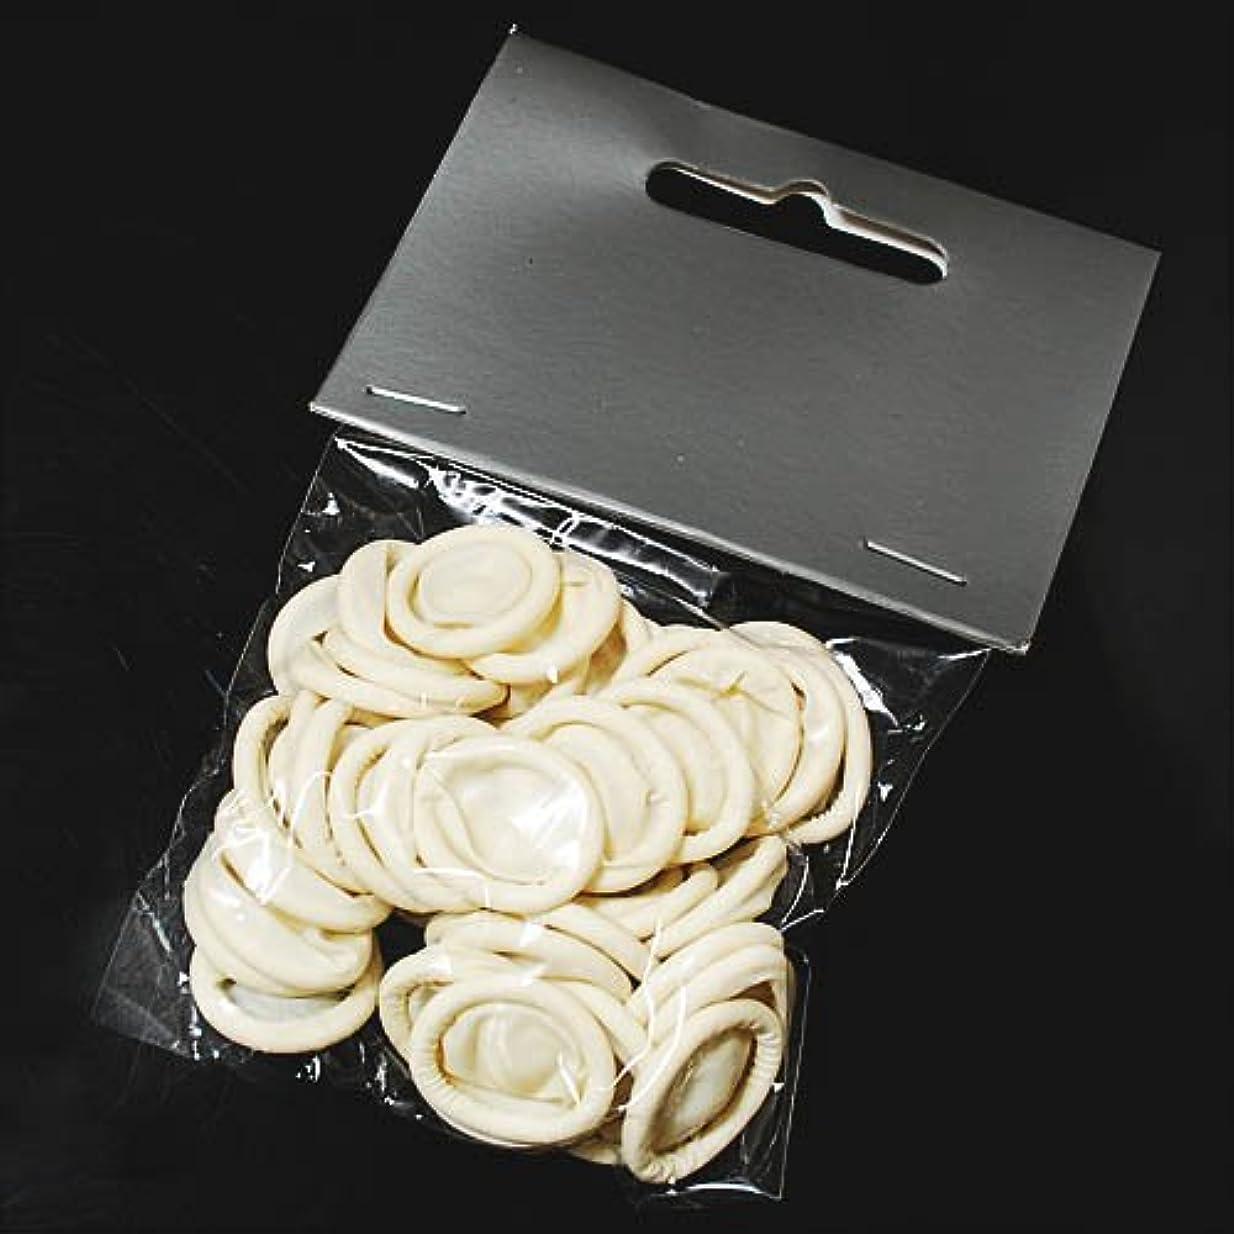 繊細きゅうり愛するジェルネイル のオフに使える ジェルネイルオフカバー [50個] フィンガーキャップ